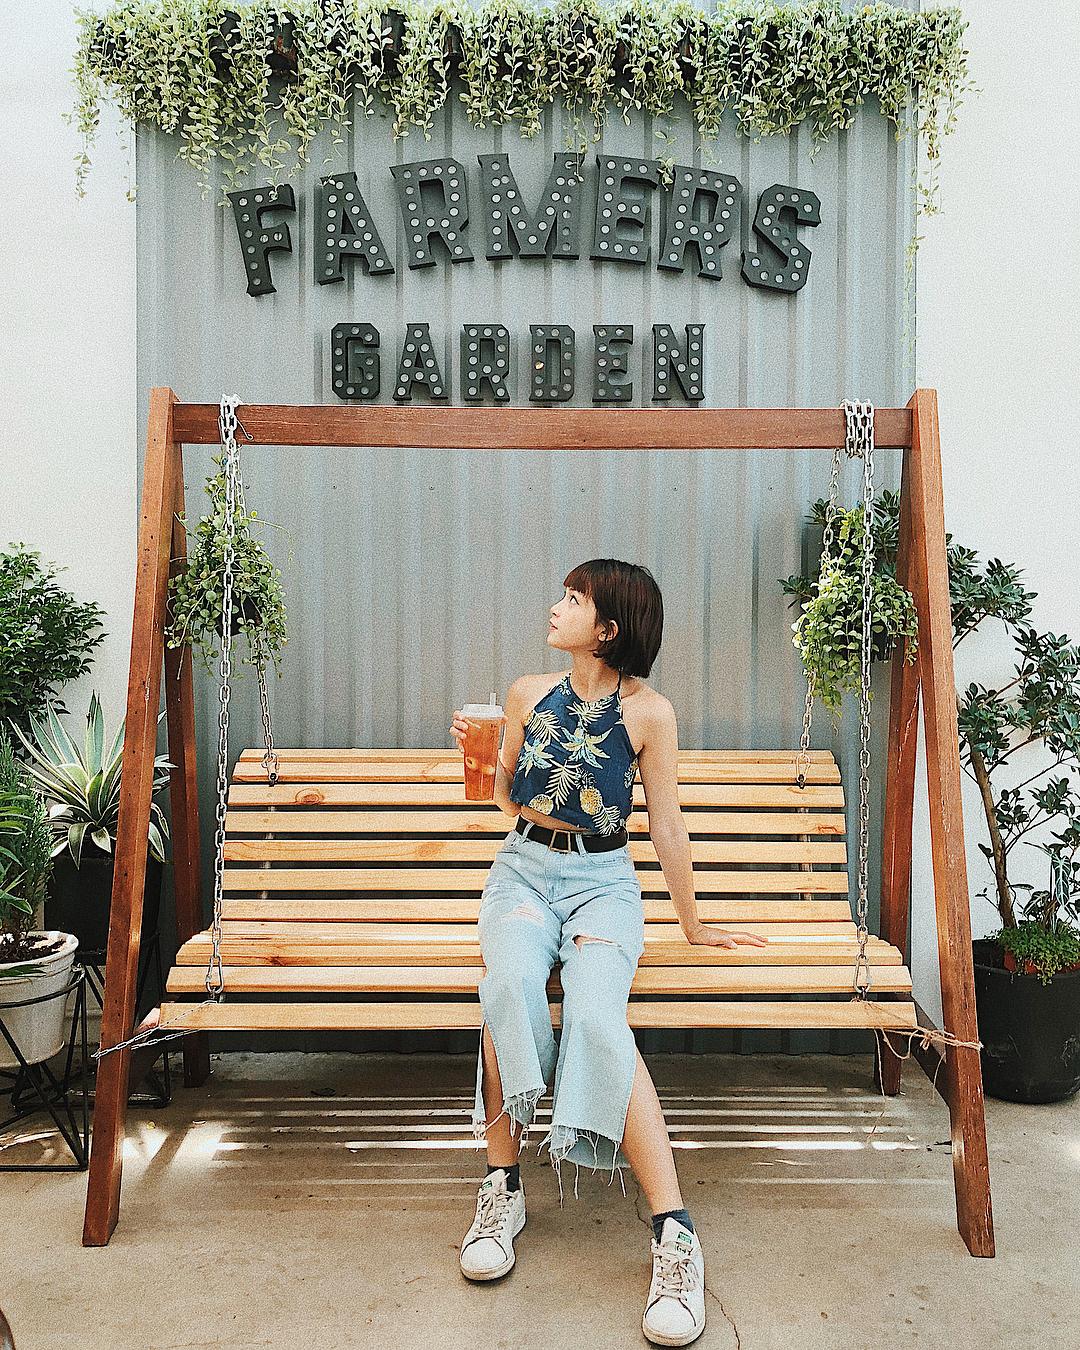 cafe-farmers-garden-sai-gon-31